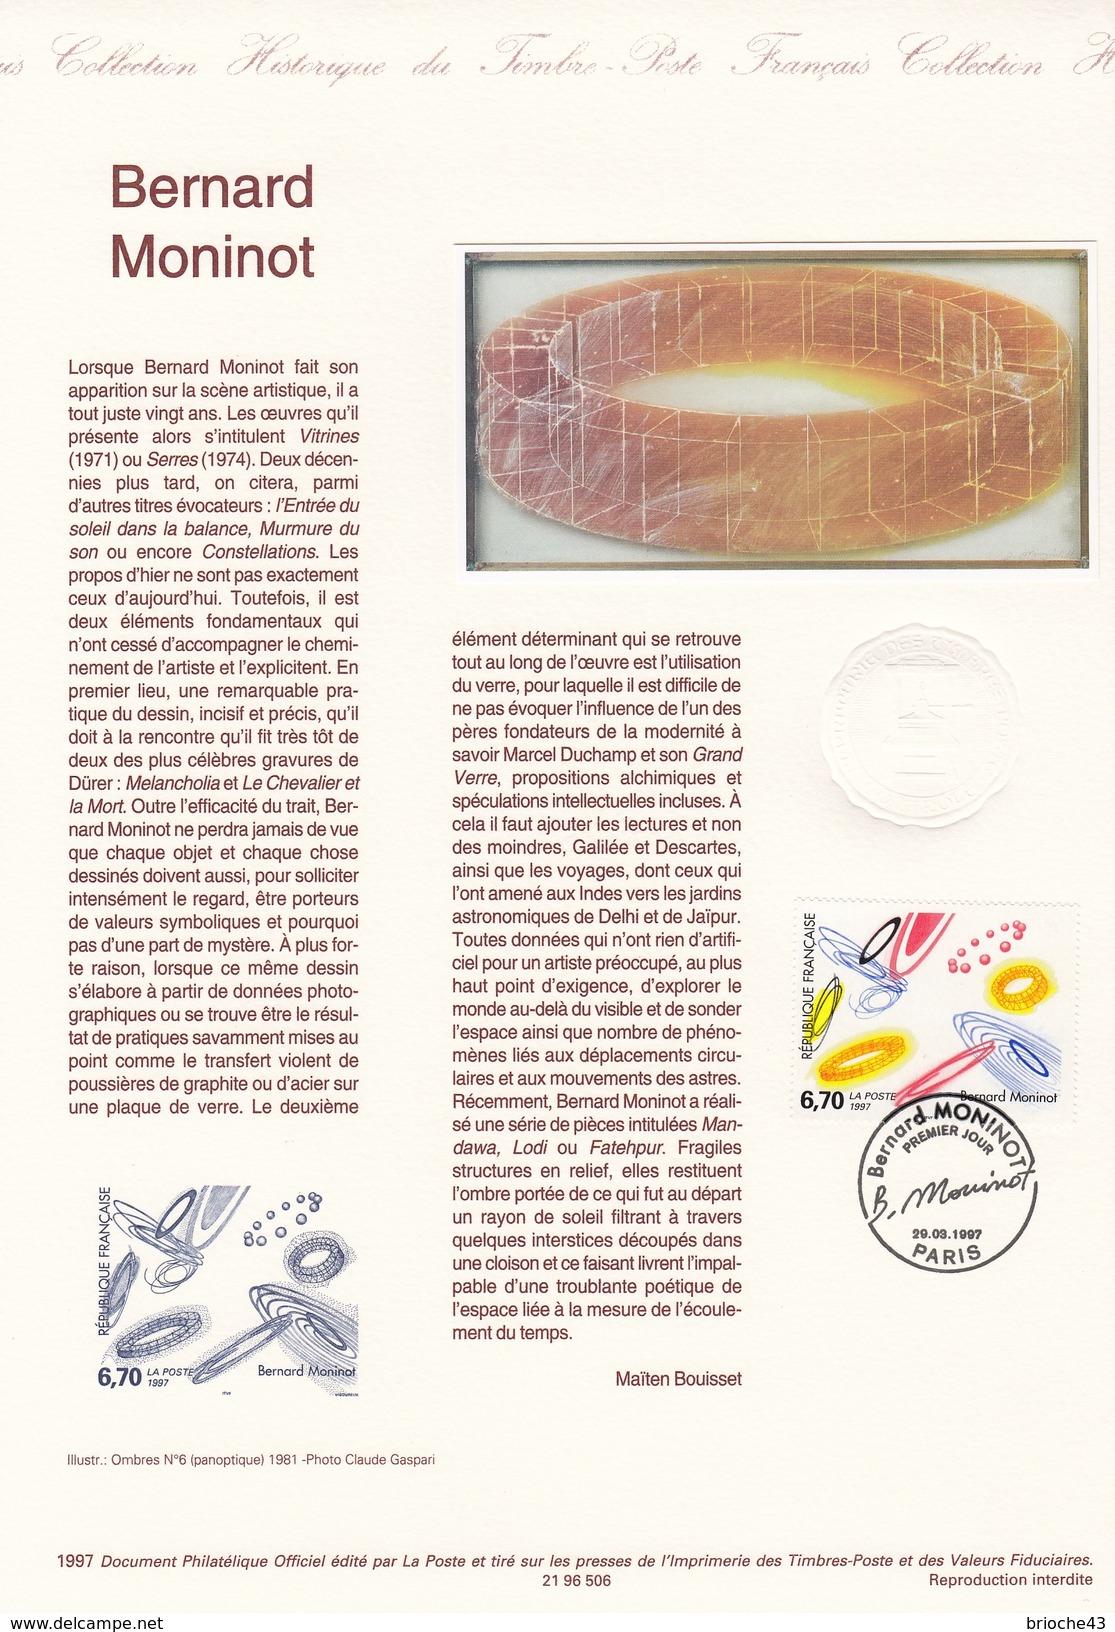 FRANCE 1997- TIMBRE 6.70 BERNARD MONINOT - OBLITERATION PREMIER JOUR 29.03.97 SUR DOC. DE LA POSTE - Gebraucht